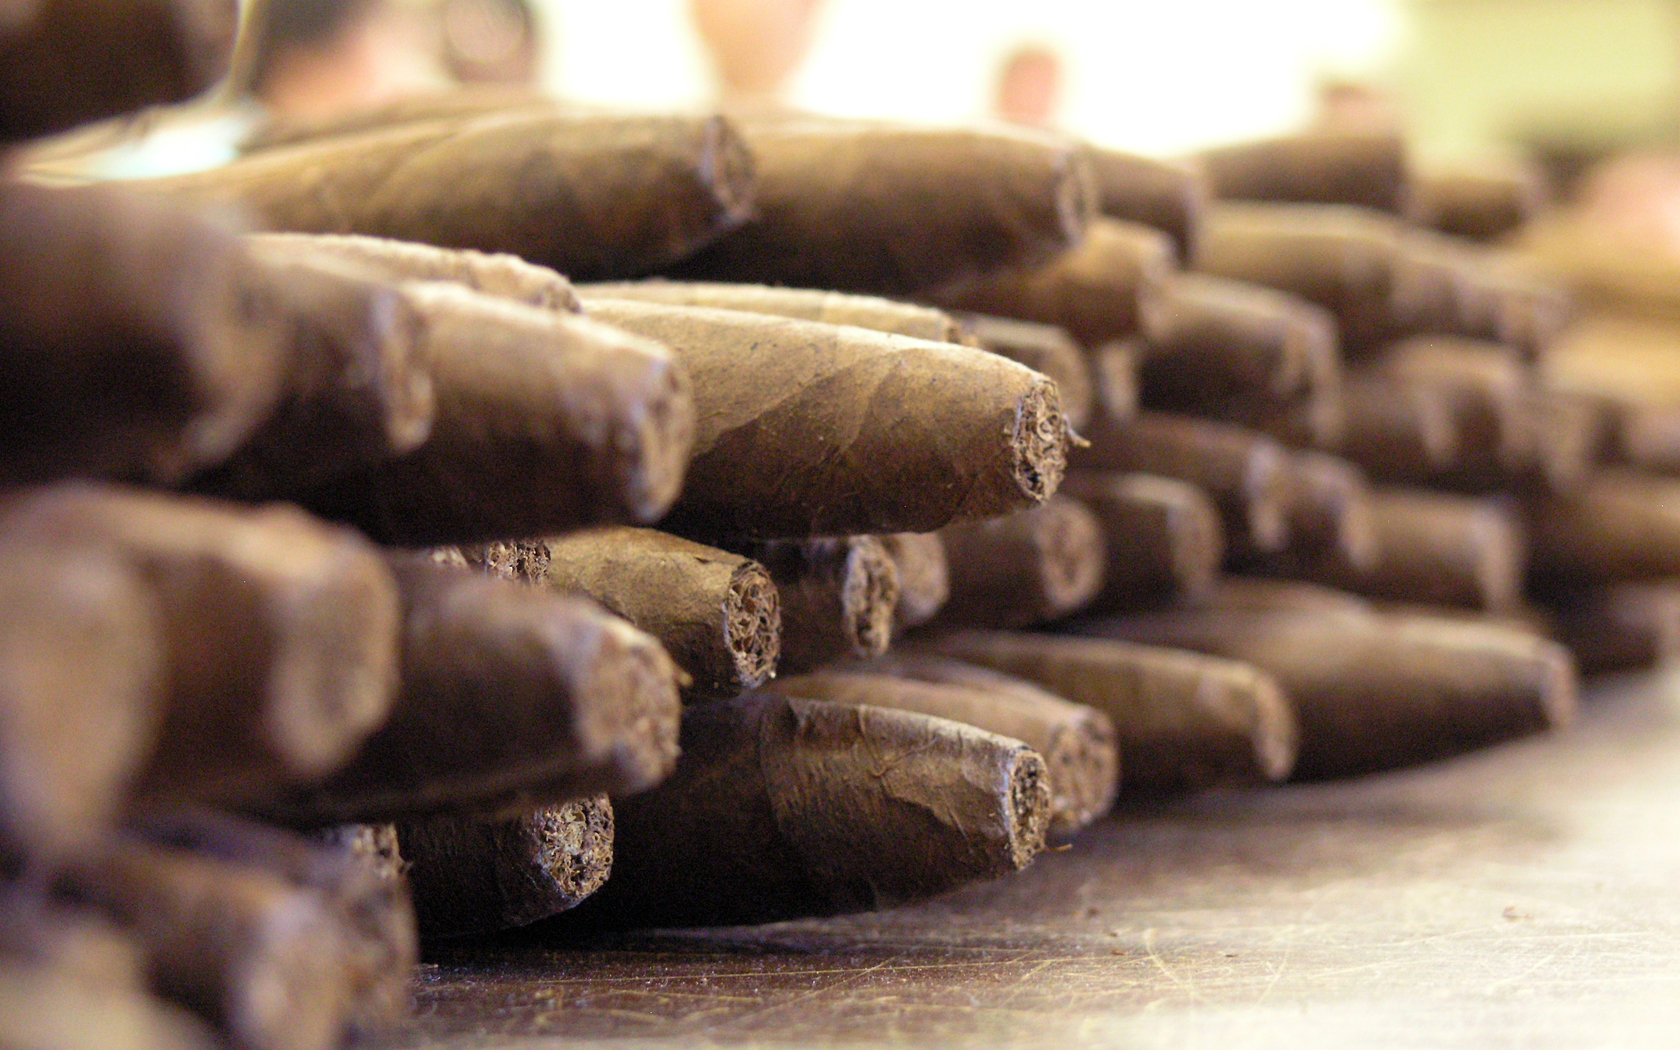 Caribbean cigars wallpapers Caribbean cigars stock photos 1680x1050